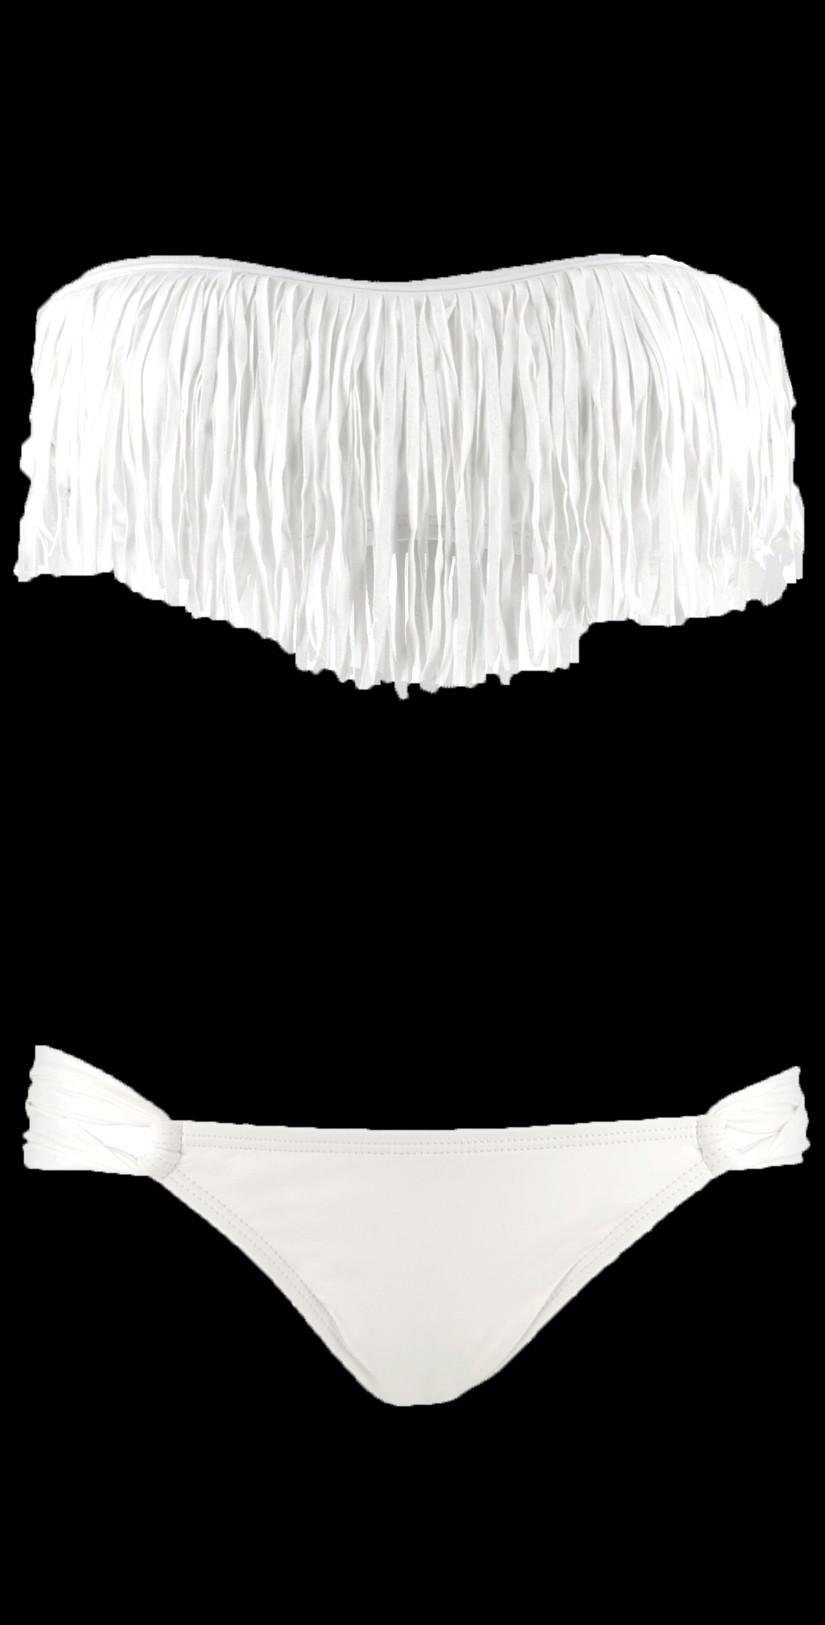 L space 2012 fringe benefits white bikini